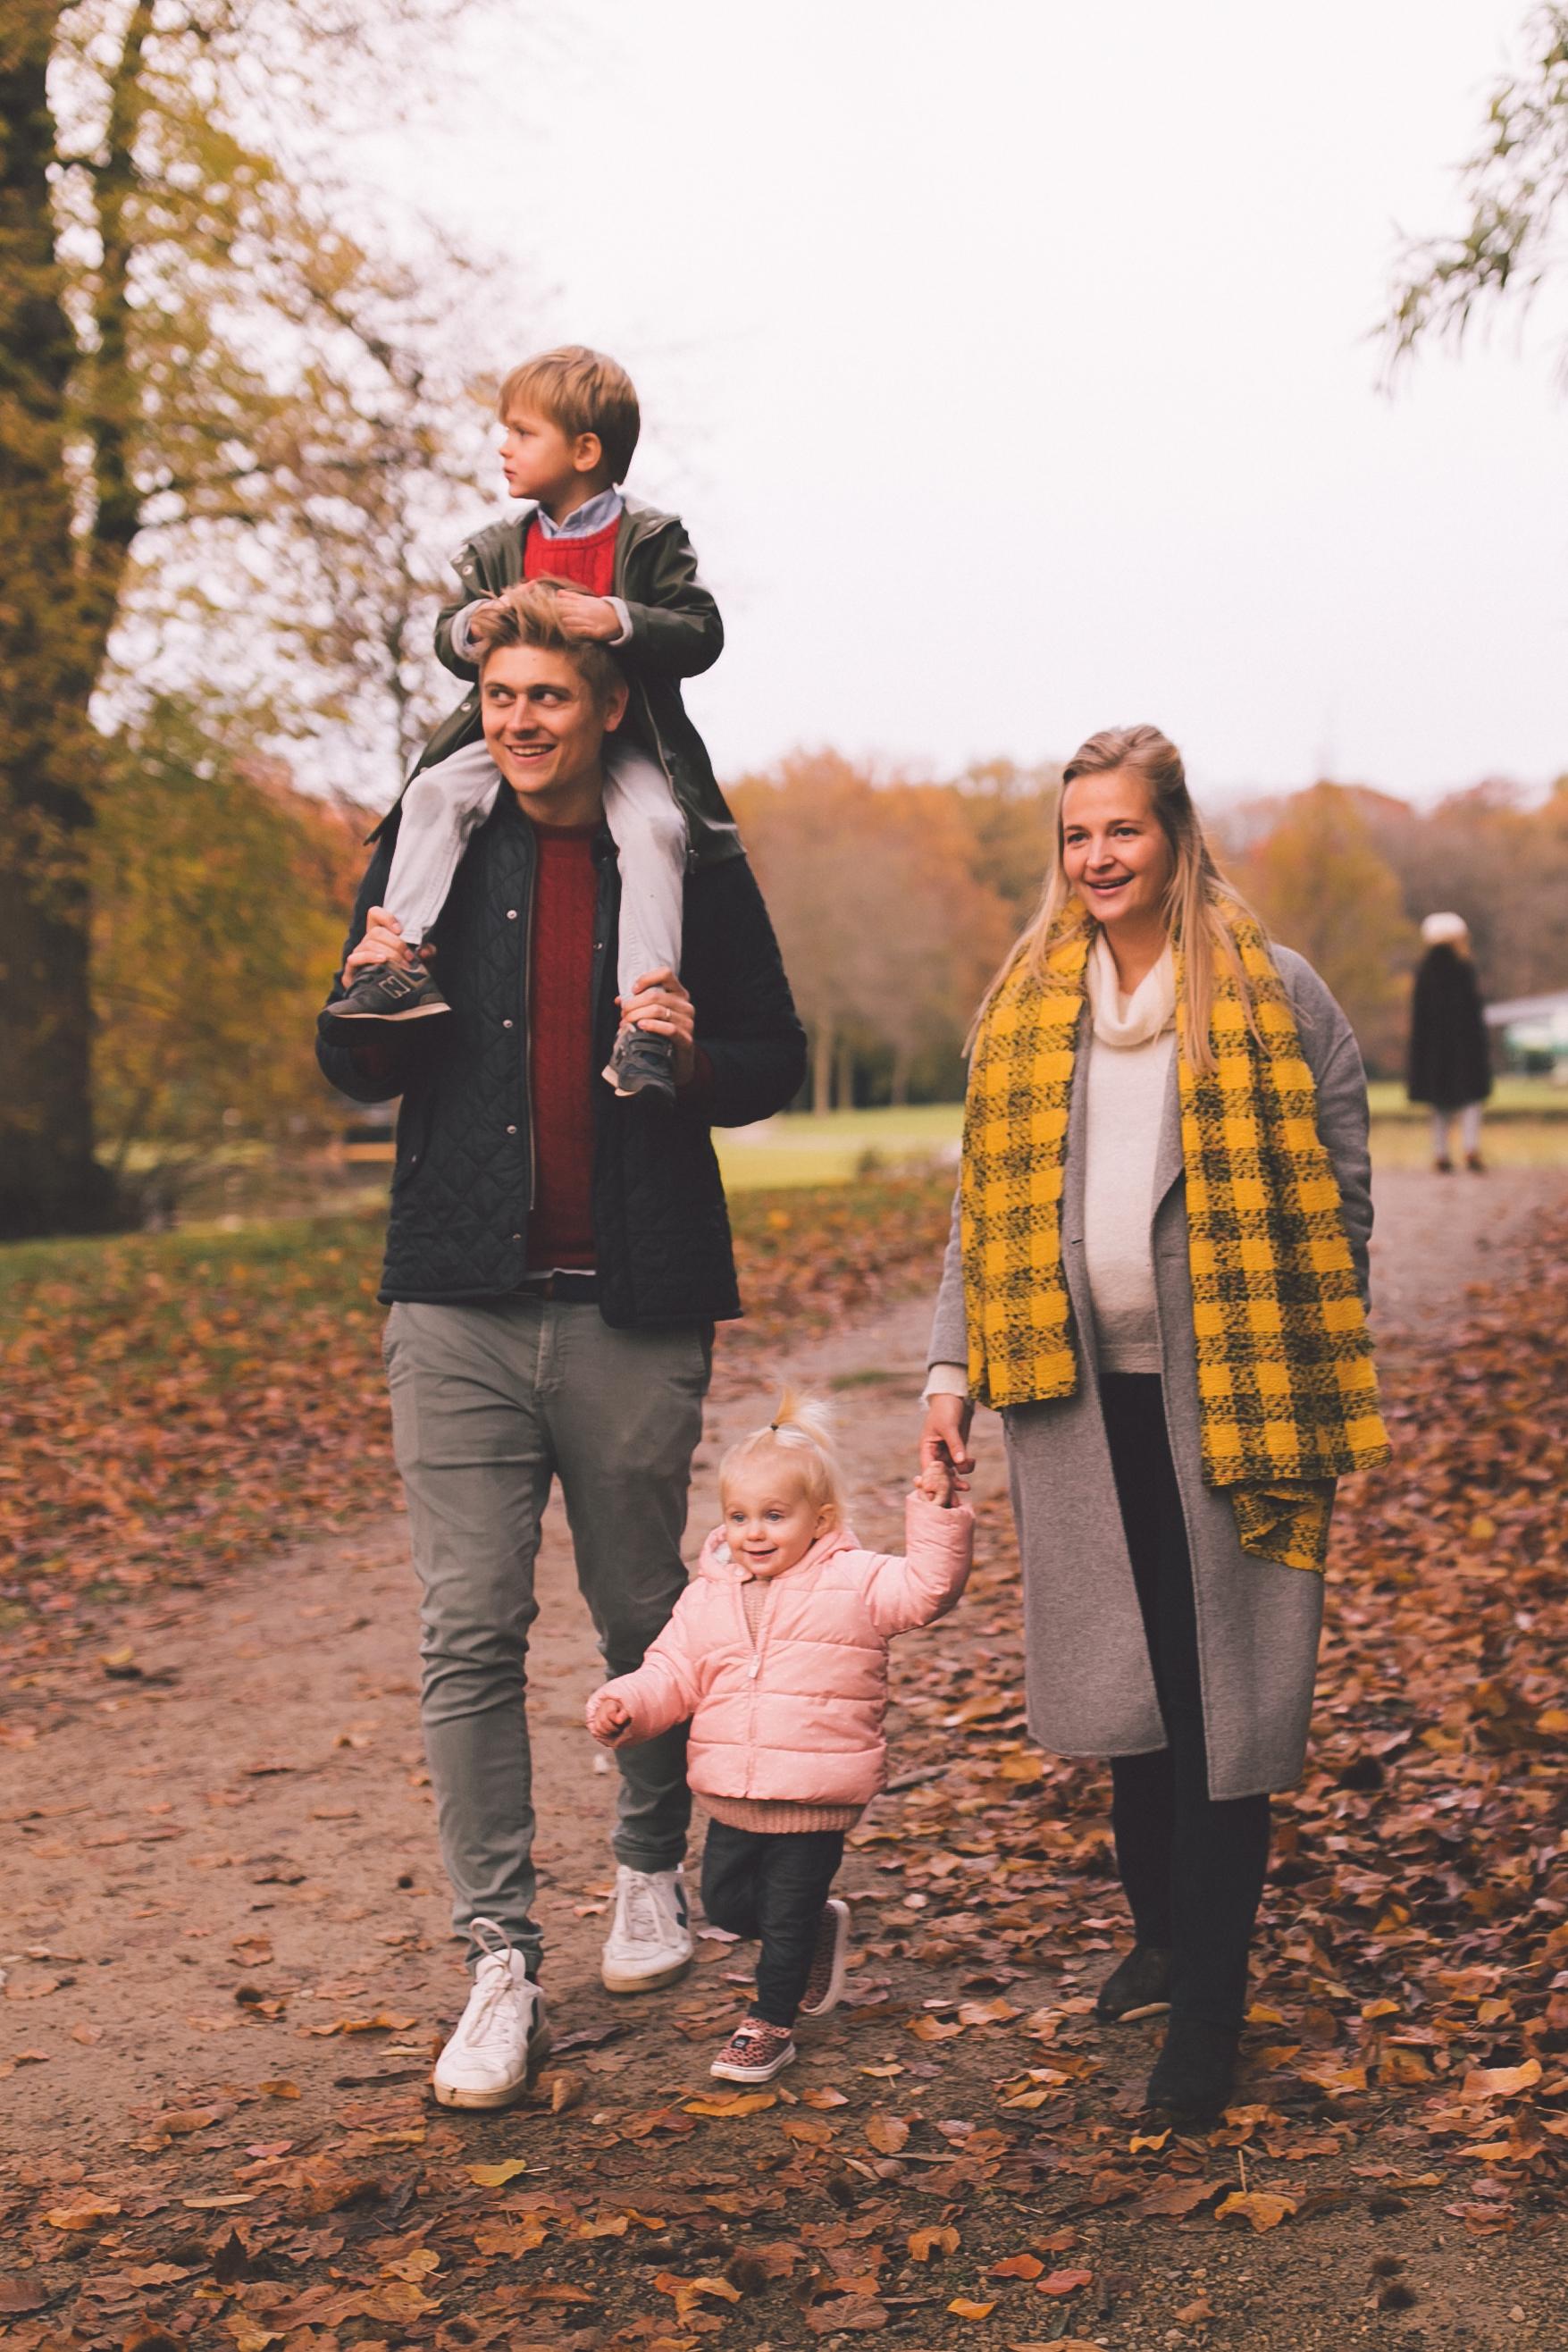 FAMILIE DELCROIX-3576